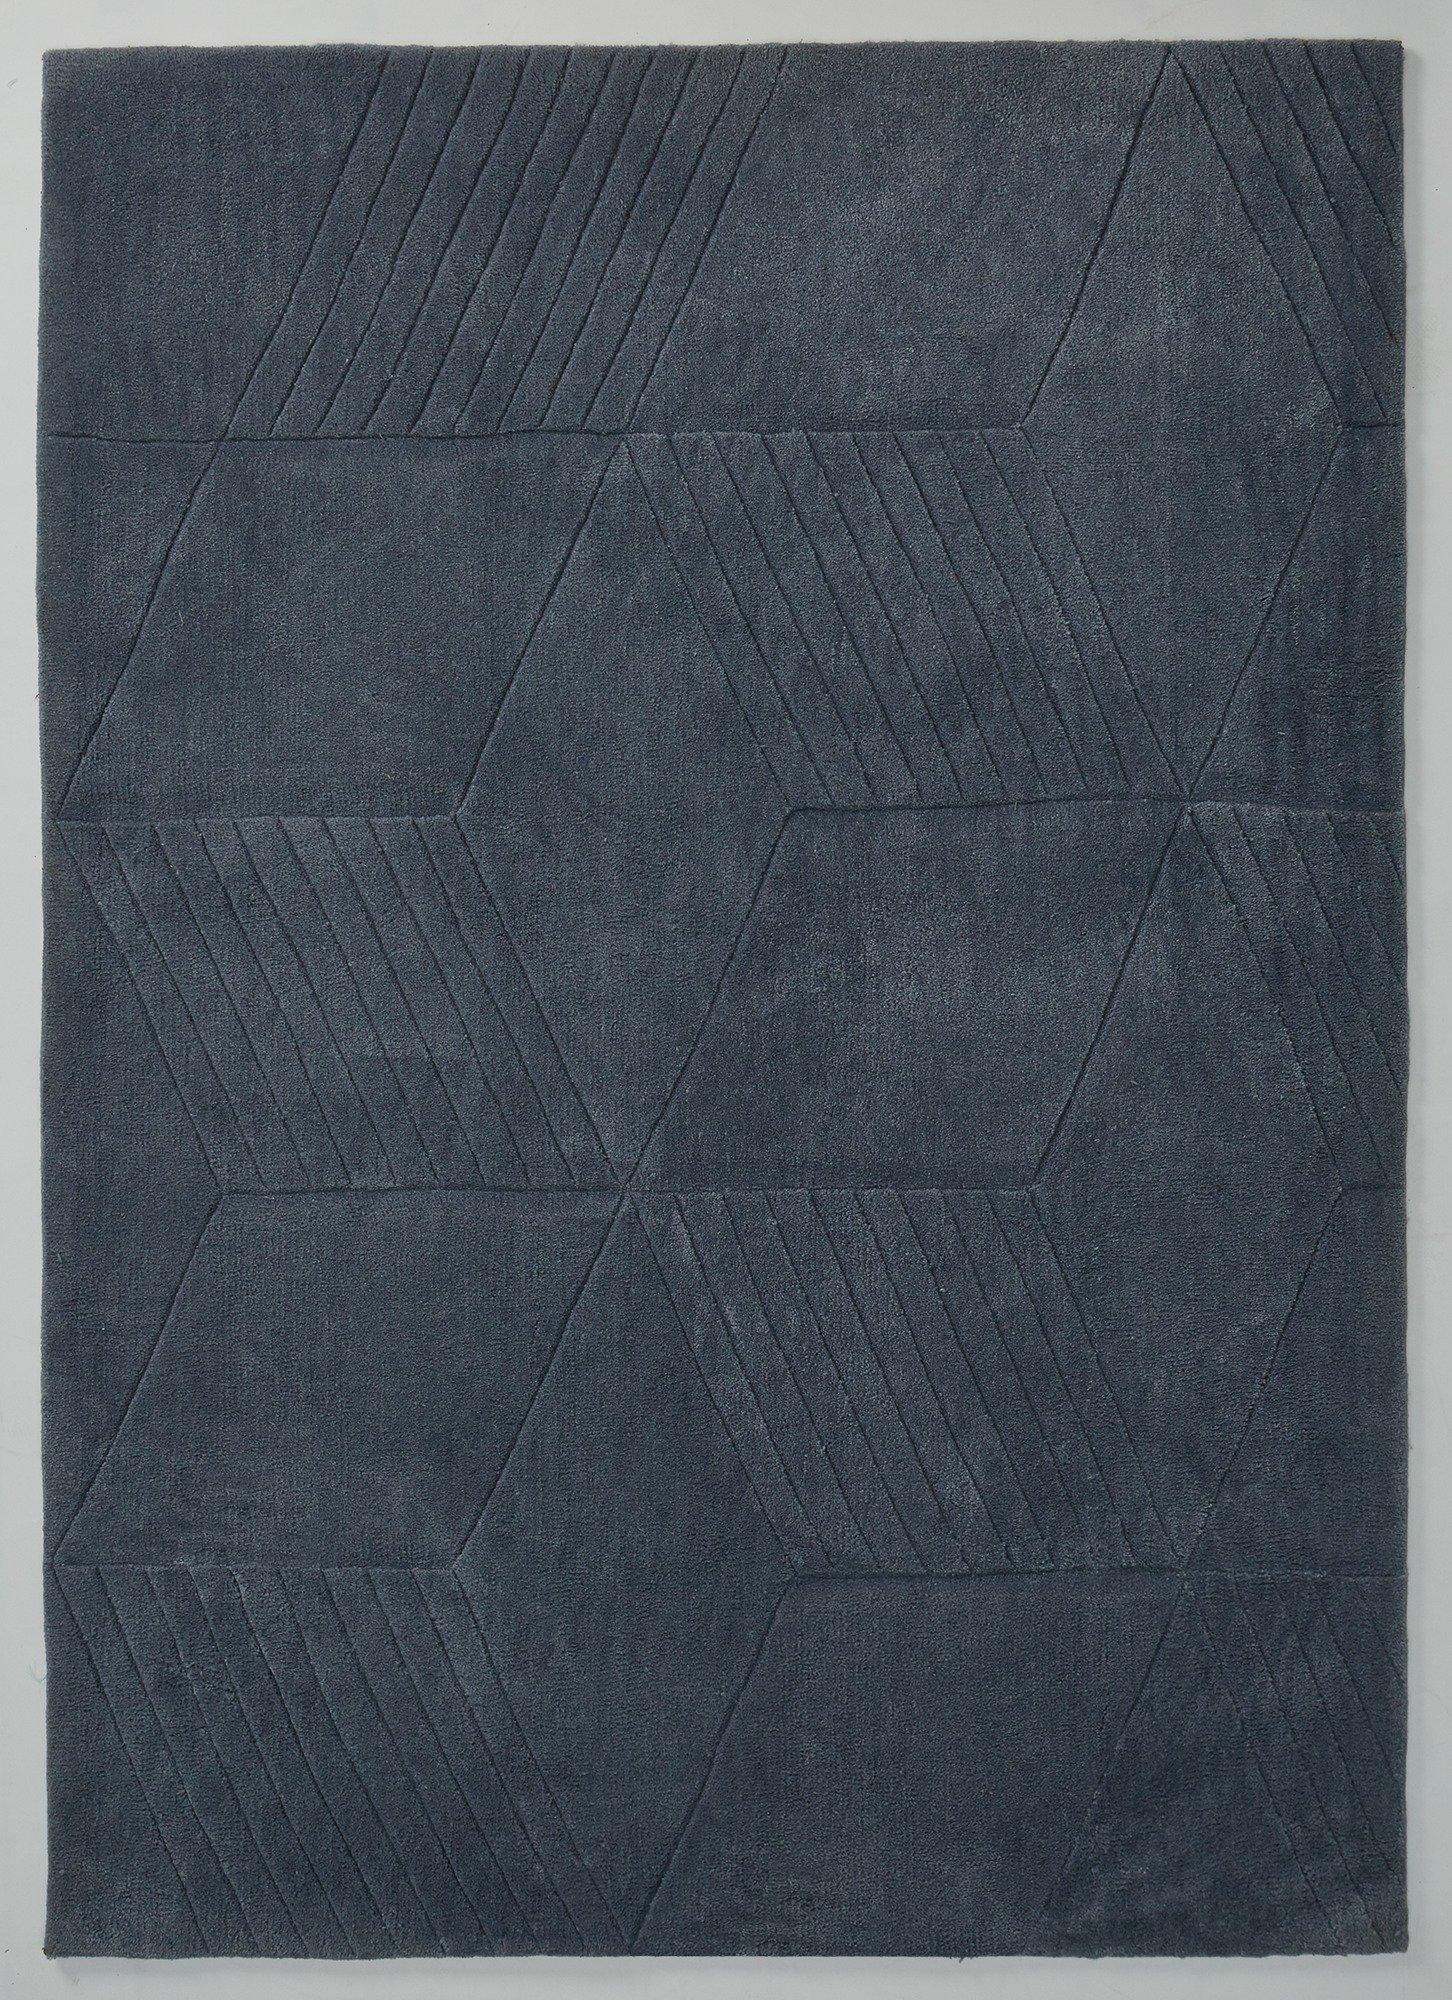 Hygena Lawson Geometric Rug - 160x230cm - Steel Blue